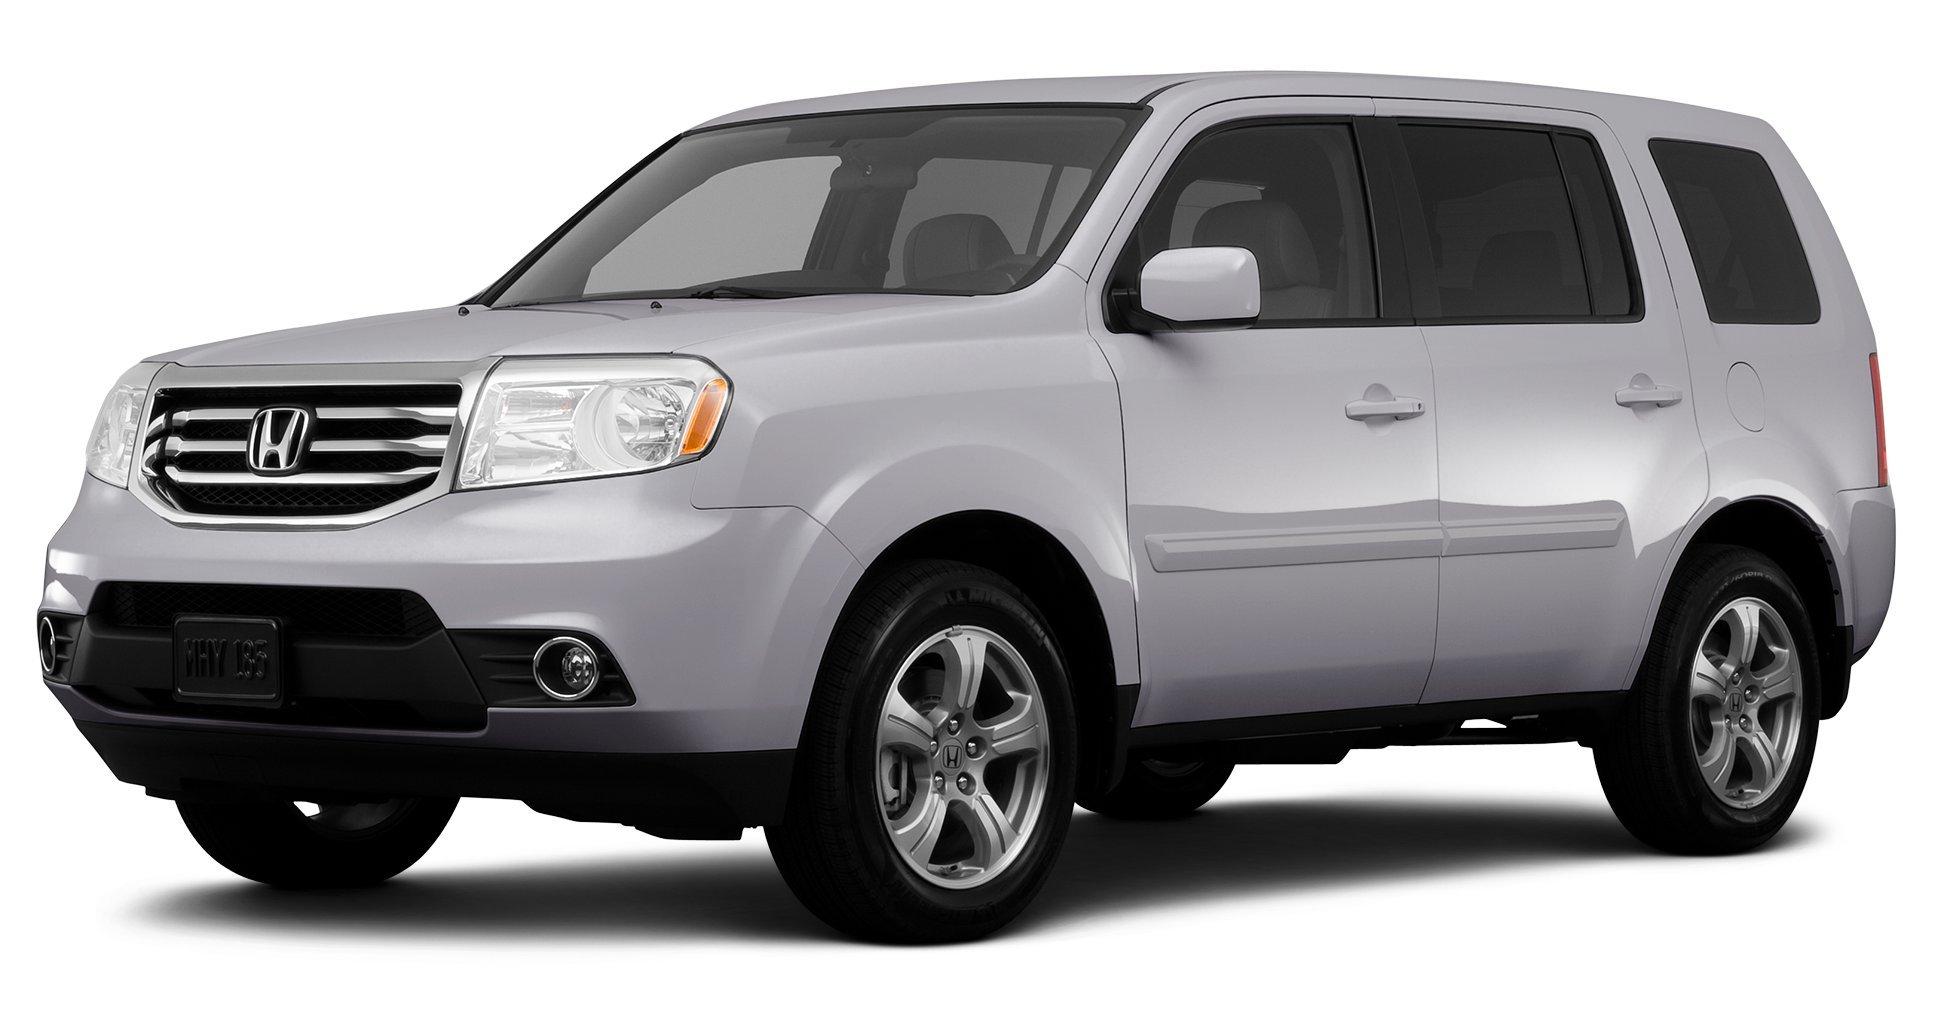 Amazon.com: 2013 Honda Pilot EX Reviews, Images, and Specs ...